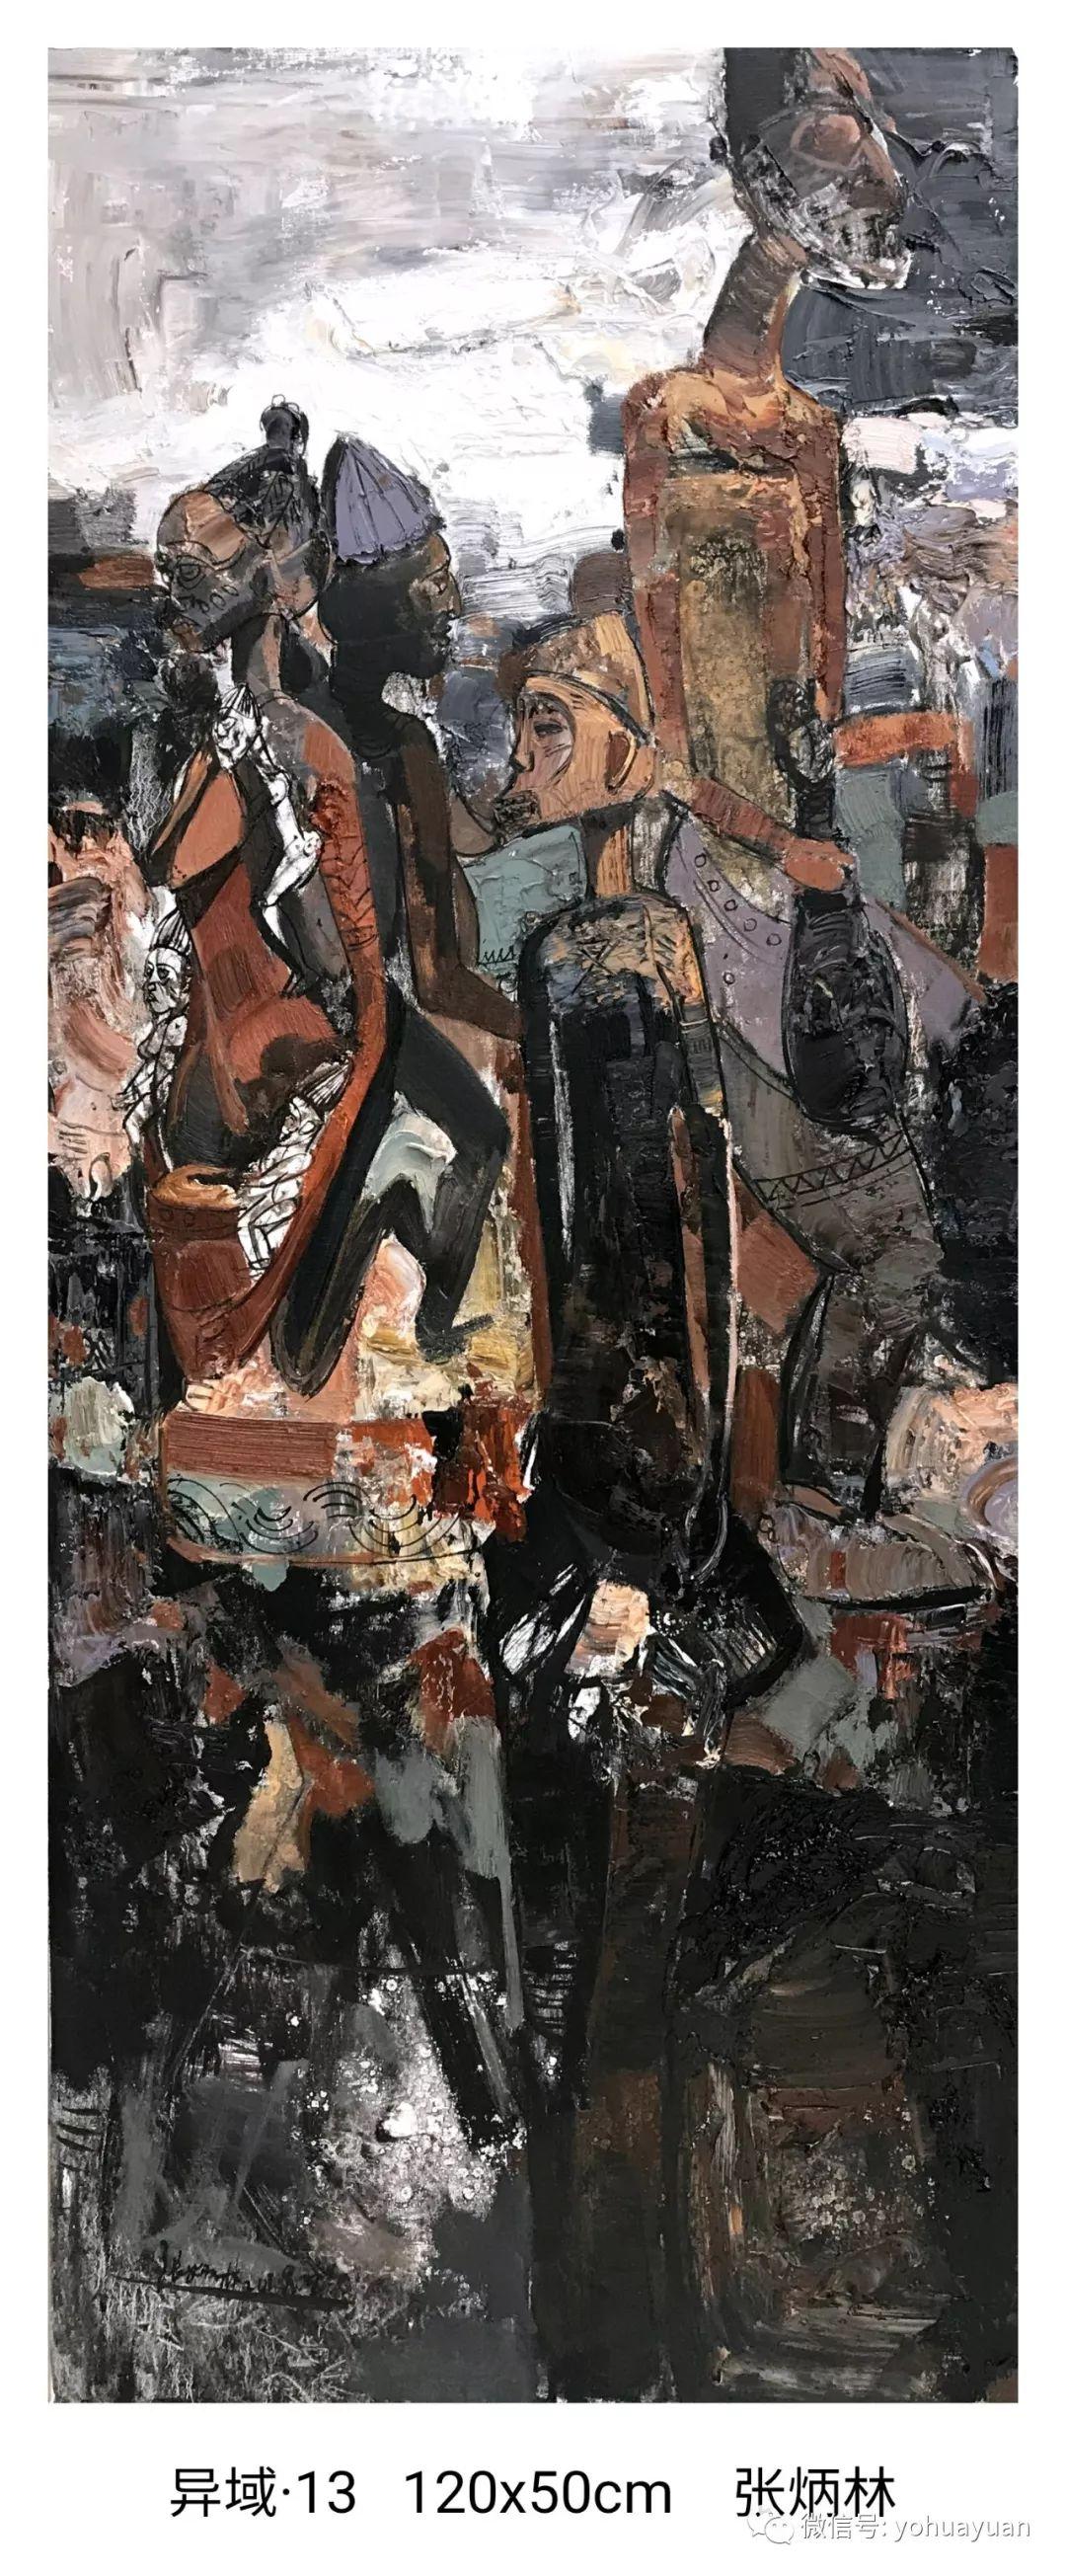 油画作品拍卖(内蒙古草原写生) 第76张 油画作品拍卖(内蒙古草原写生) 蒙古画廊